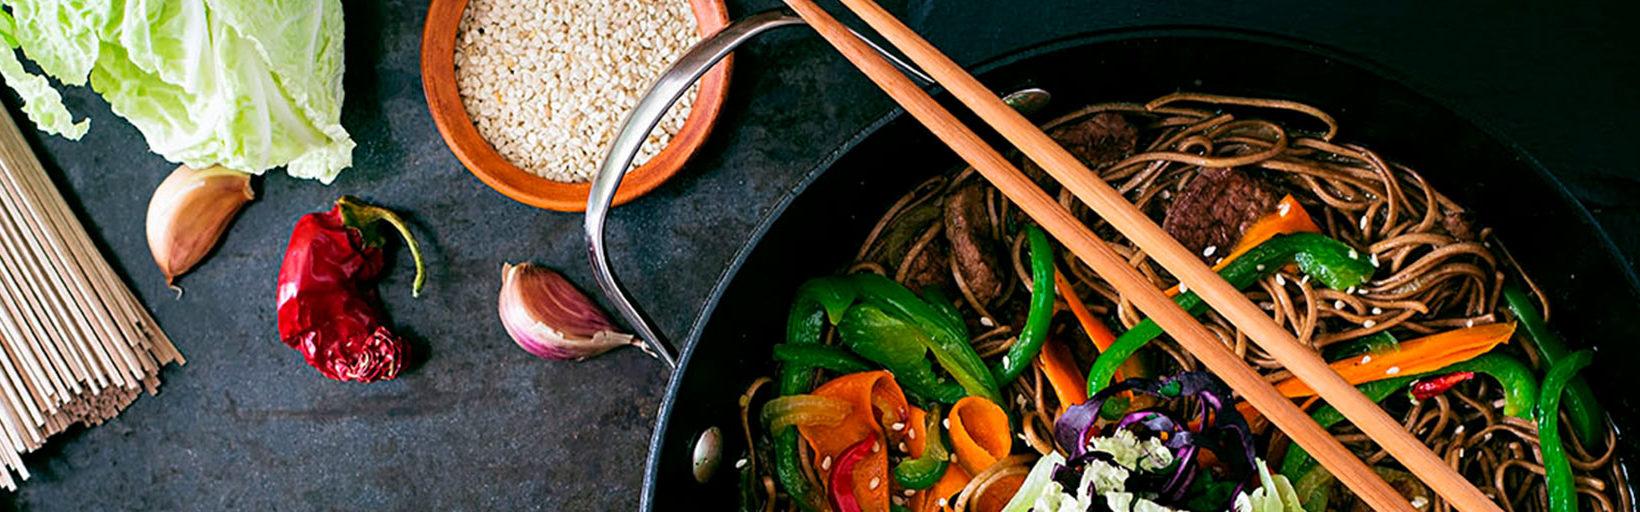 БАНКЕТЫ в ресторане китайской кухни